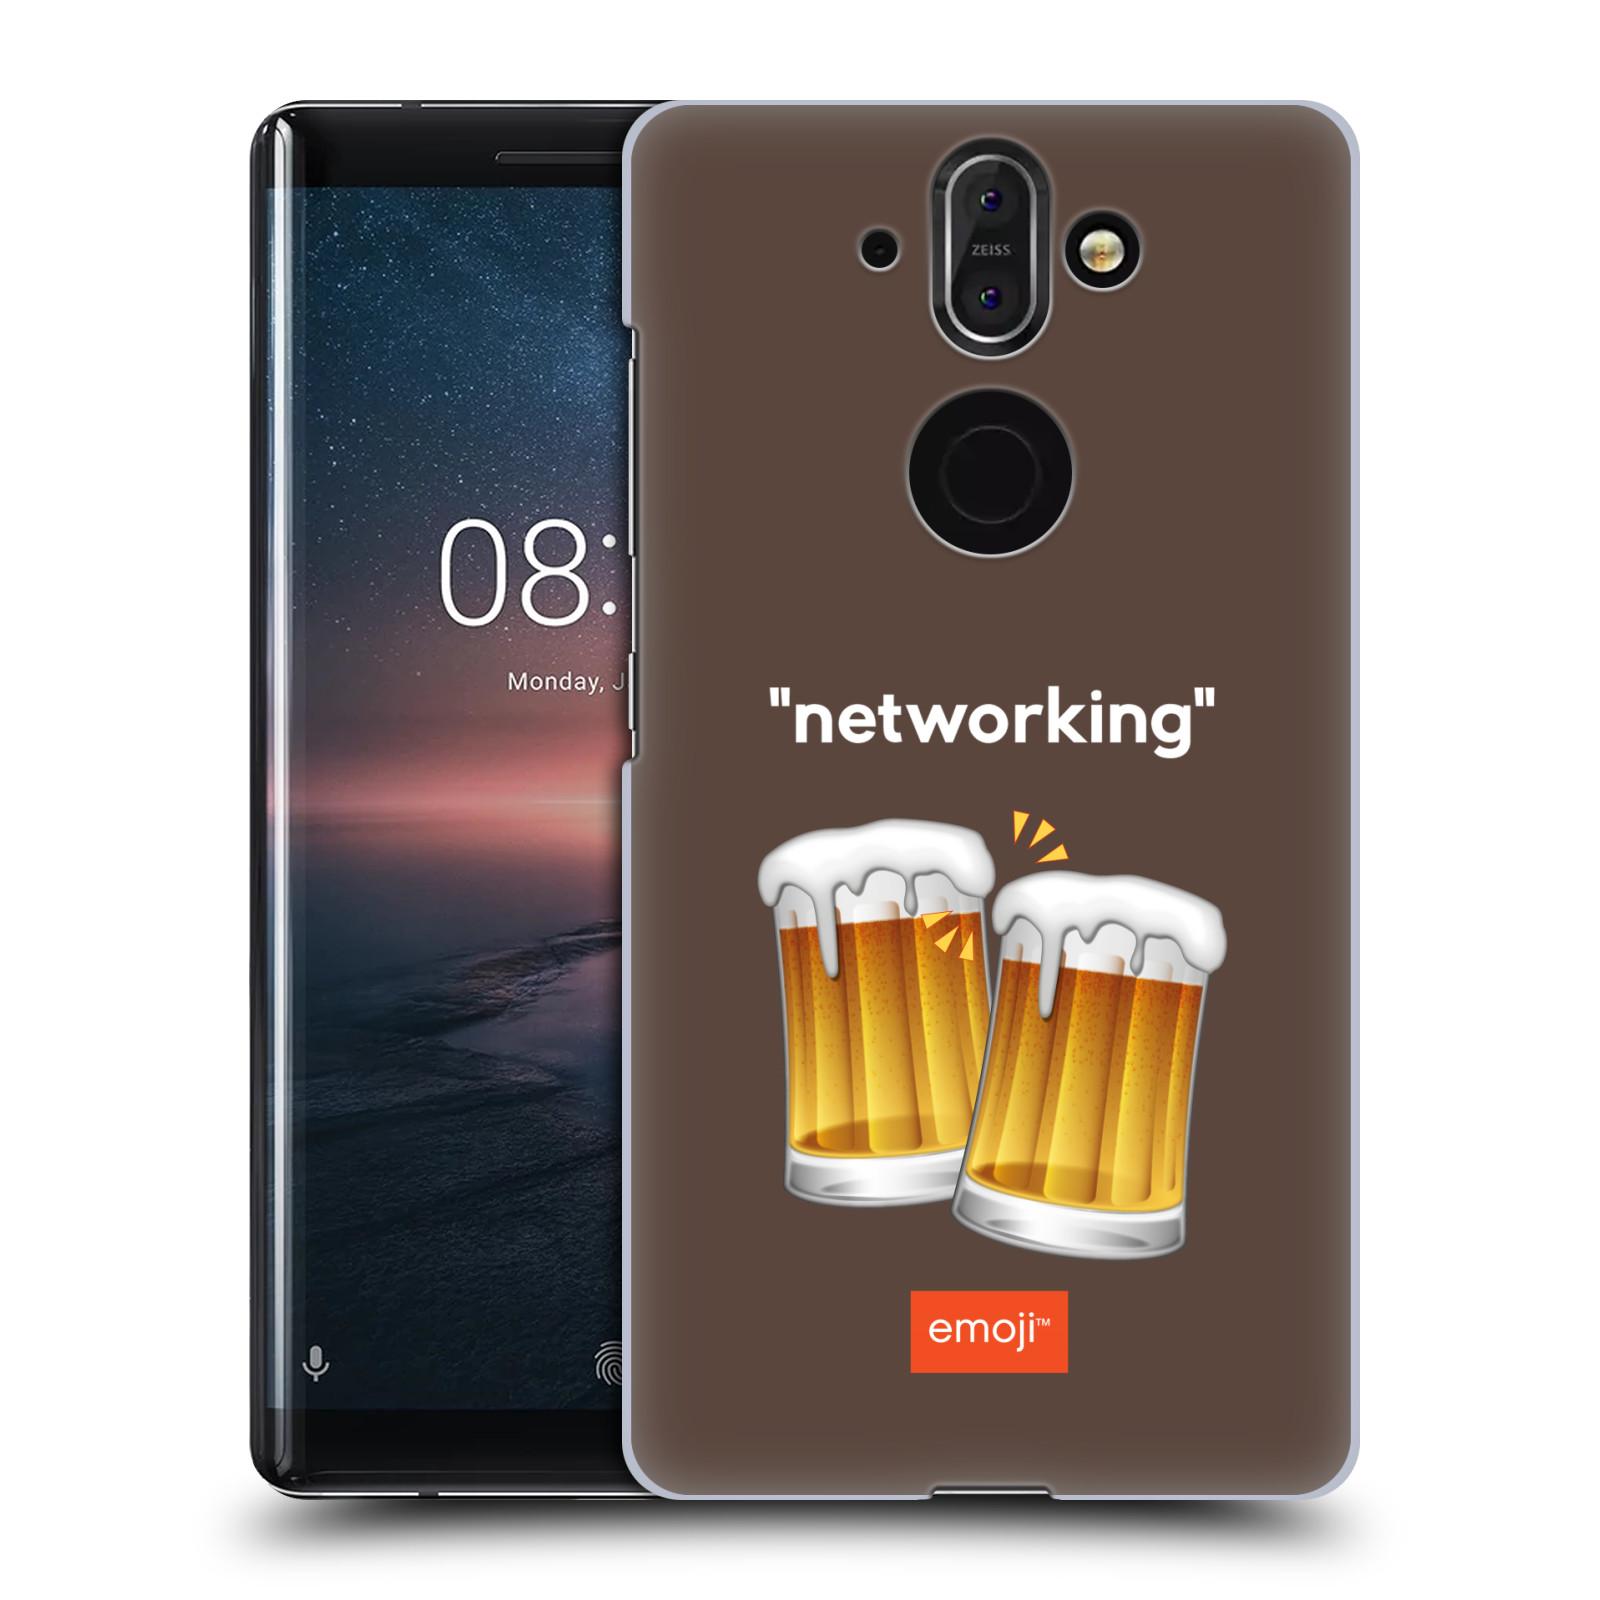 Plastové pouzdro na mobil Nokia 8 Sirocco - Head Case - EMOJI - Pivní networking